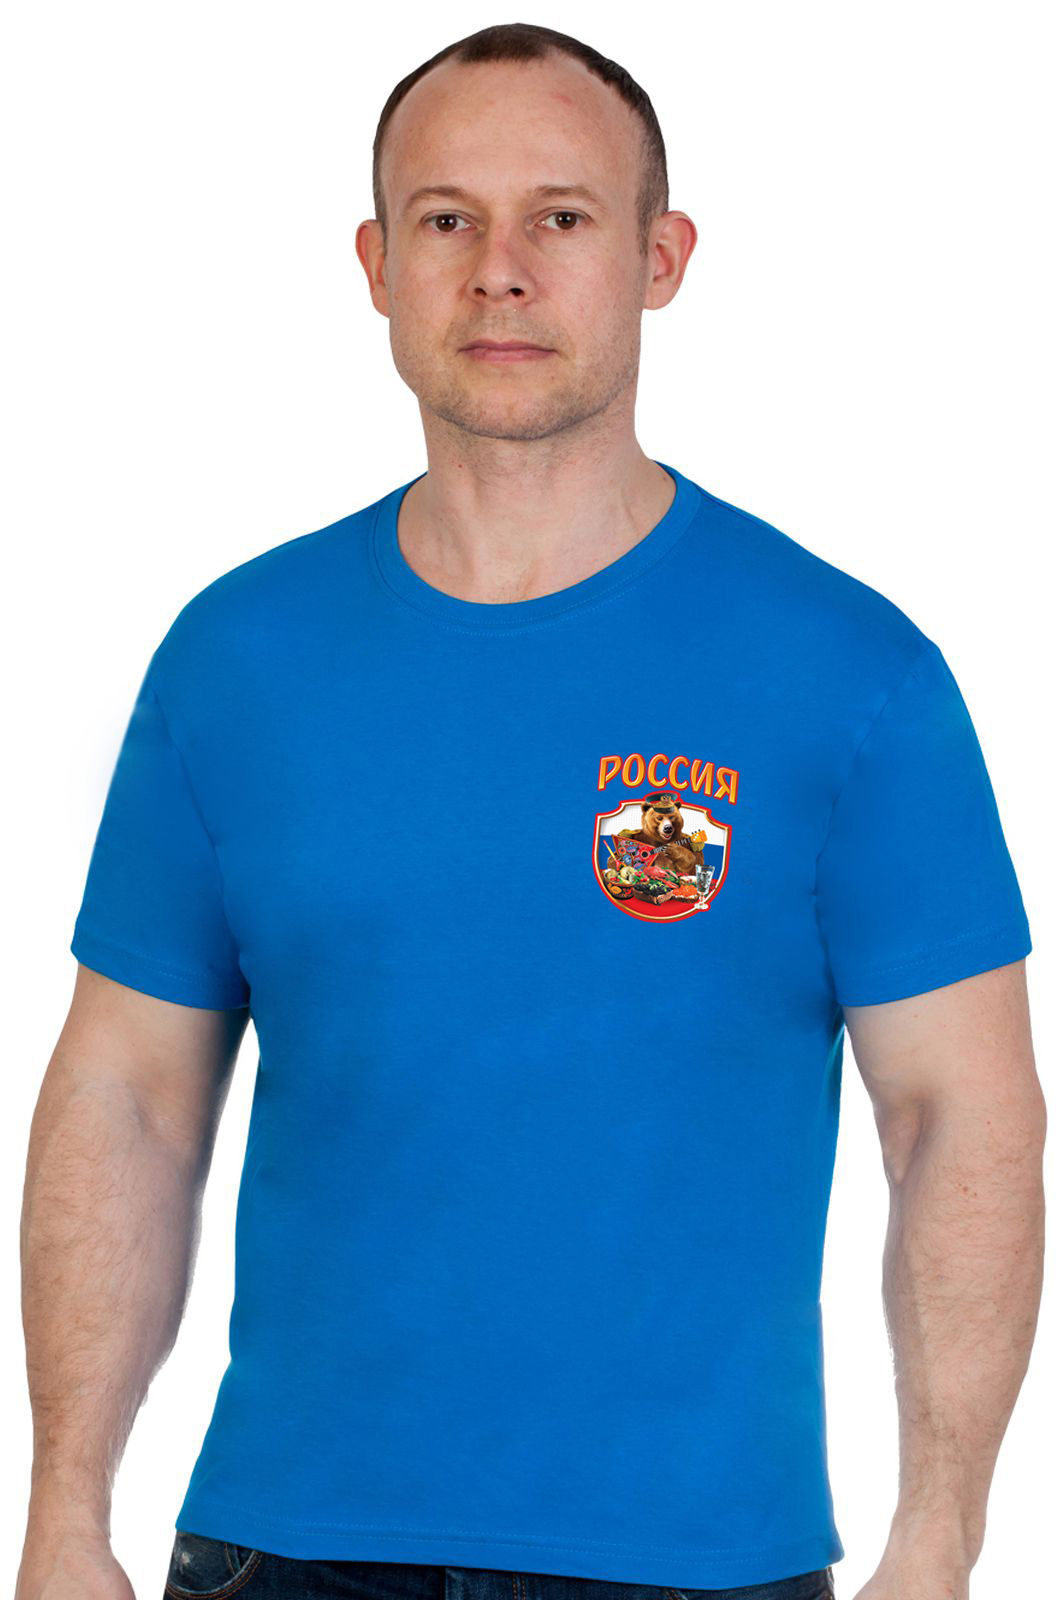 Купить мужскую синюю футболку Россия в подарок любимому